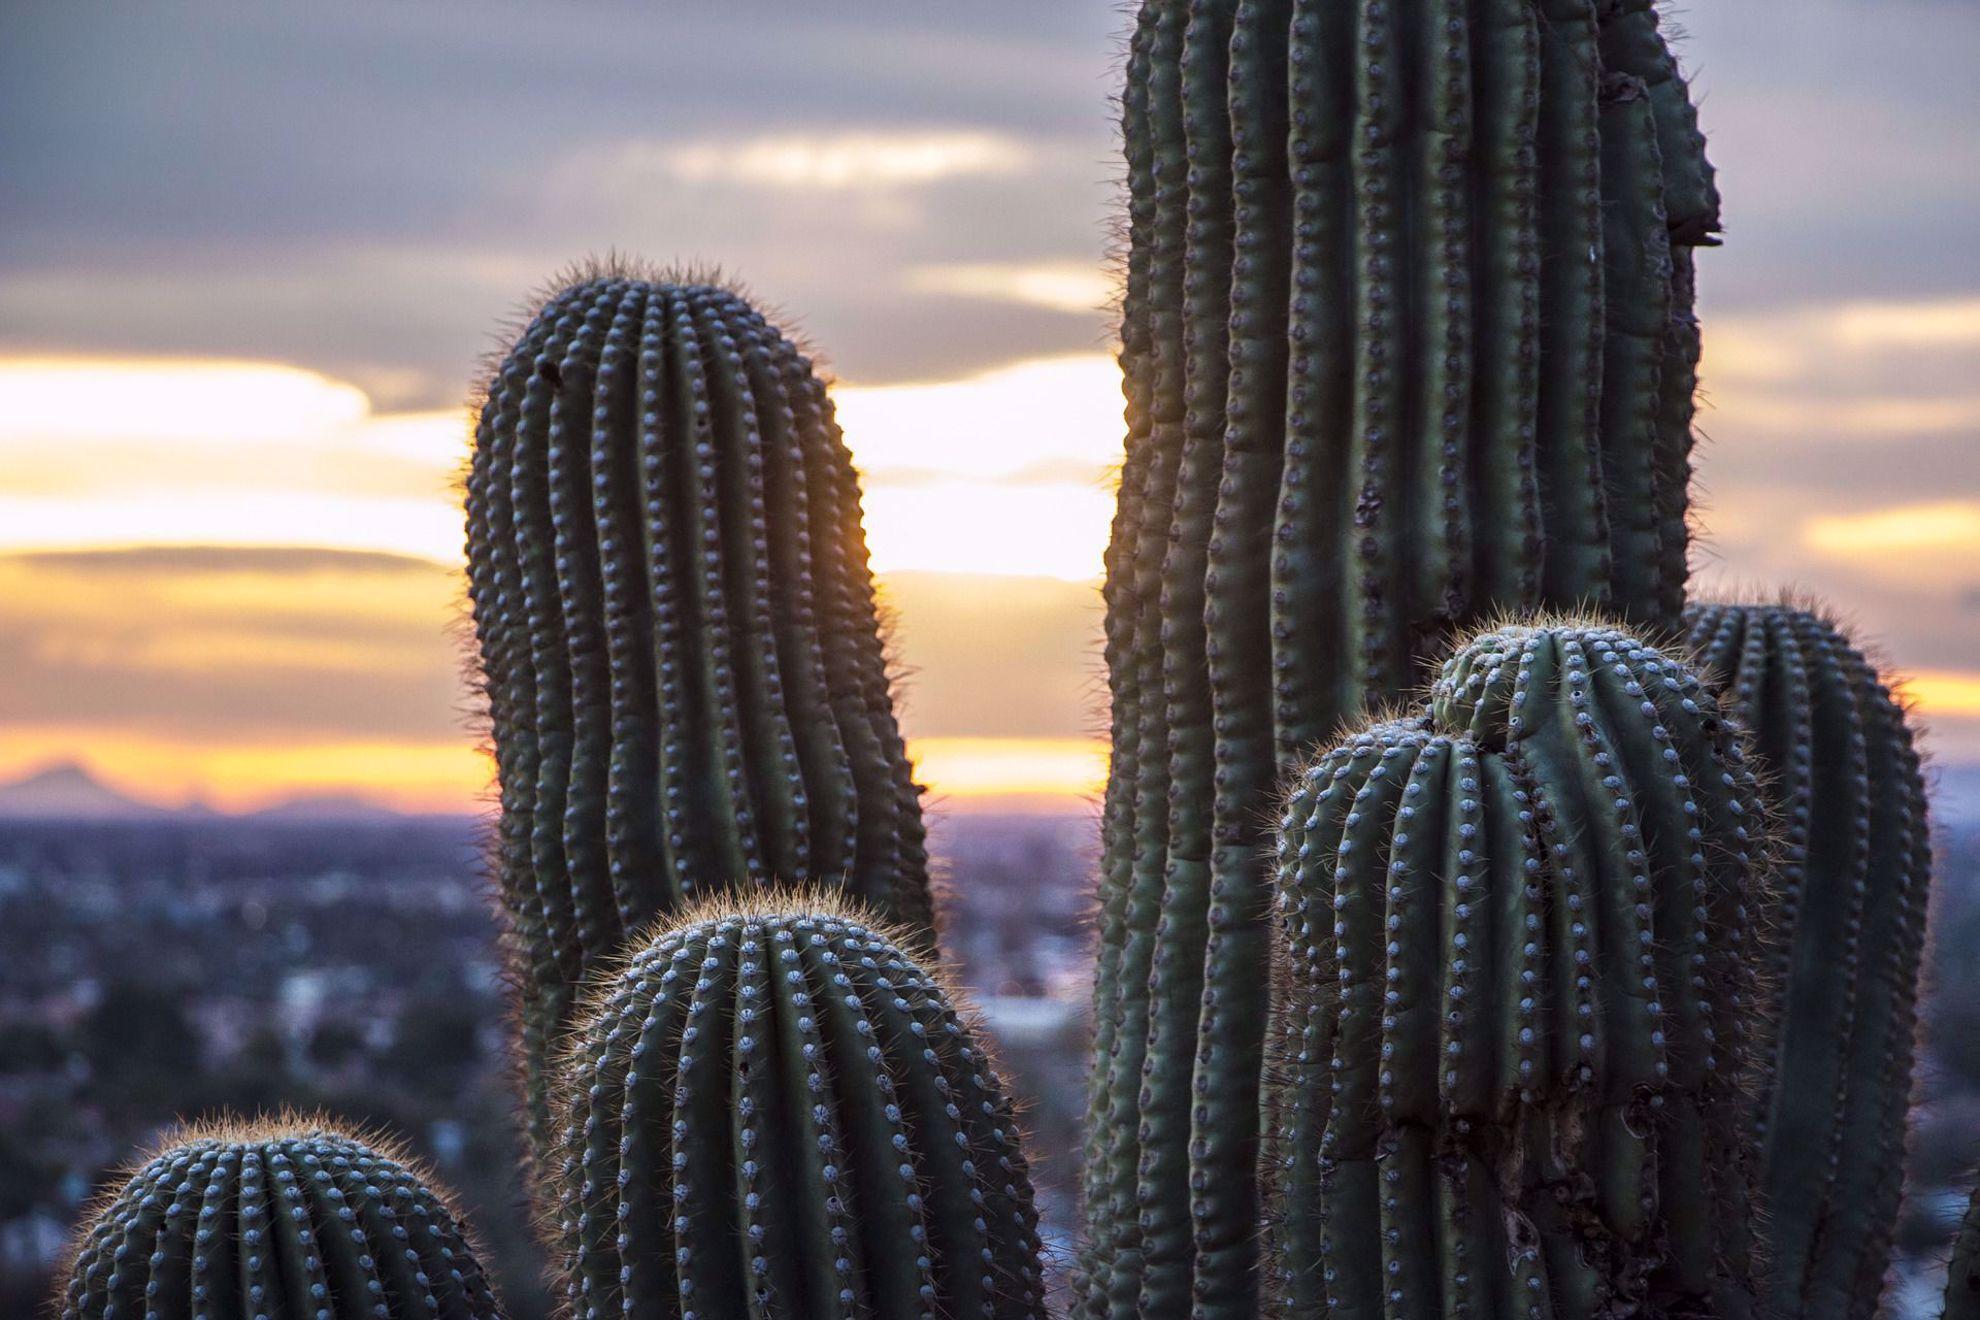 Saguaro cacti at dawn